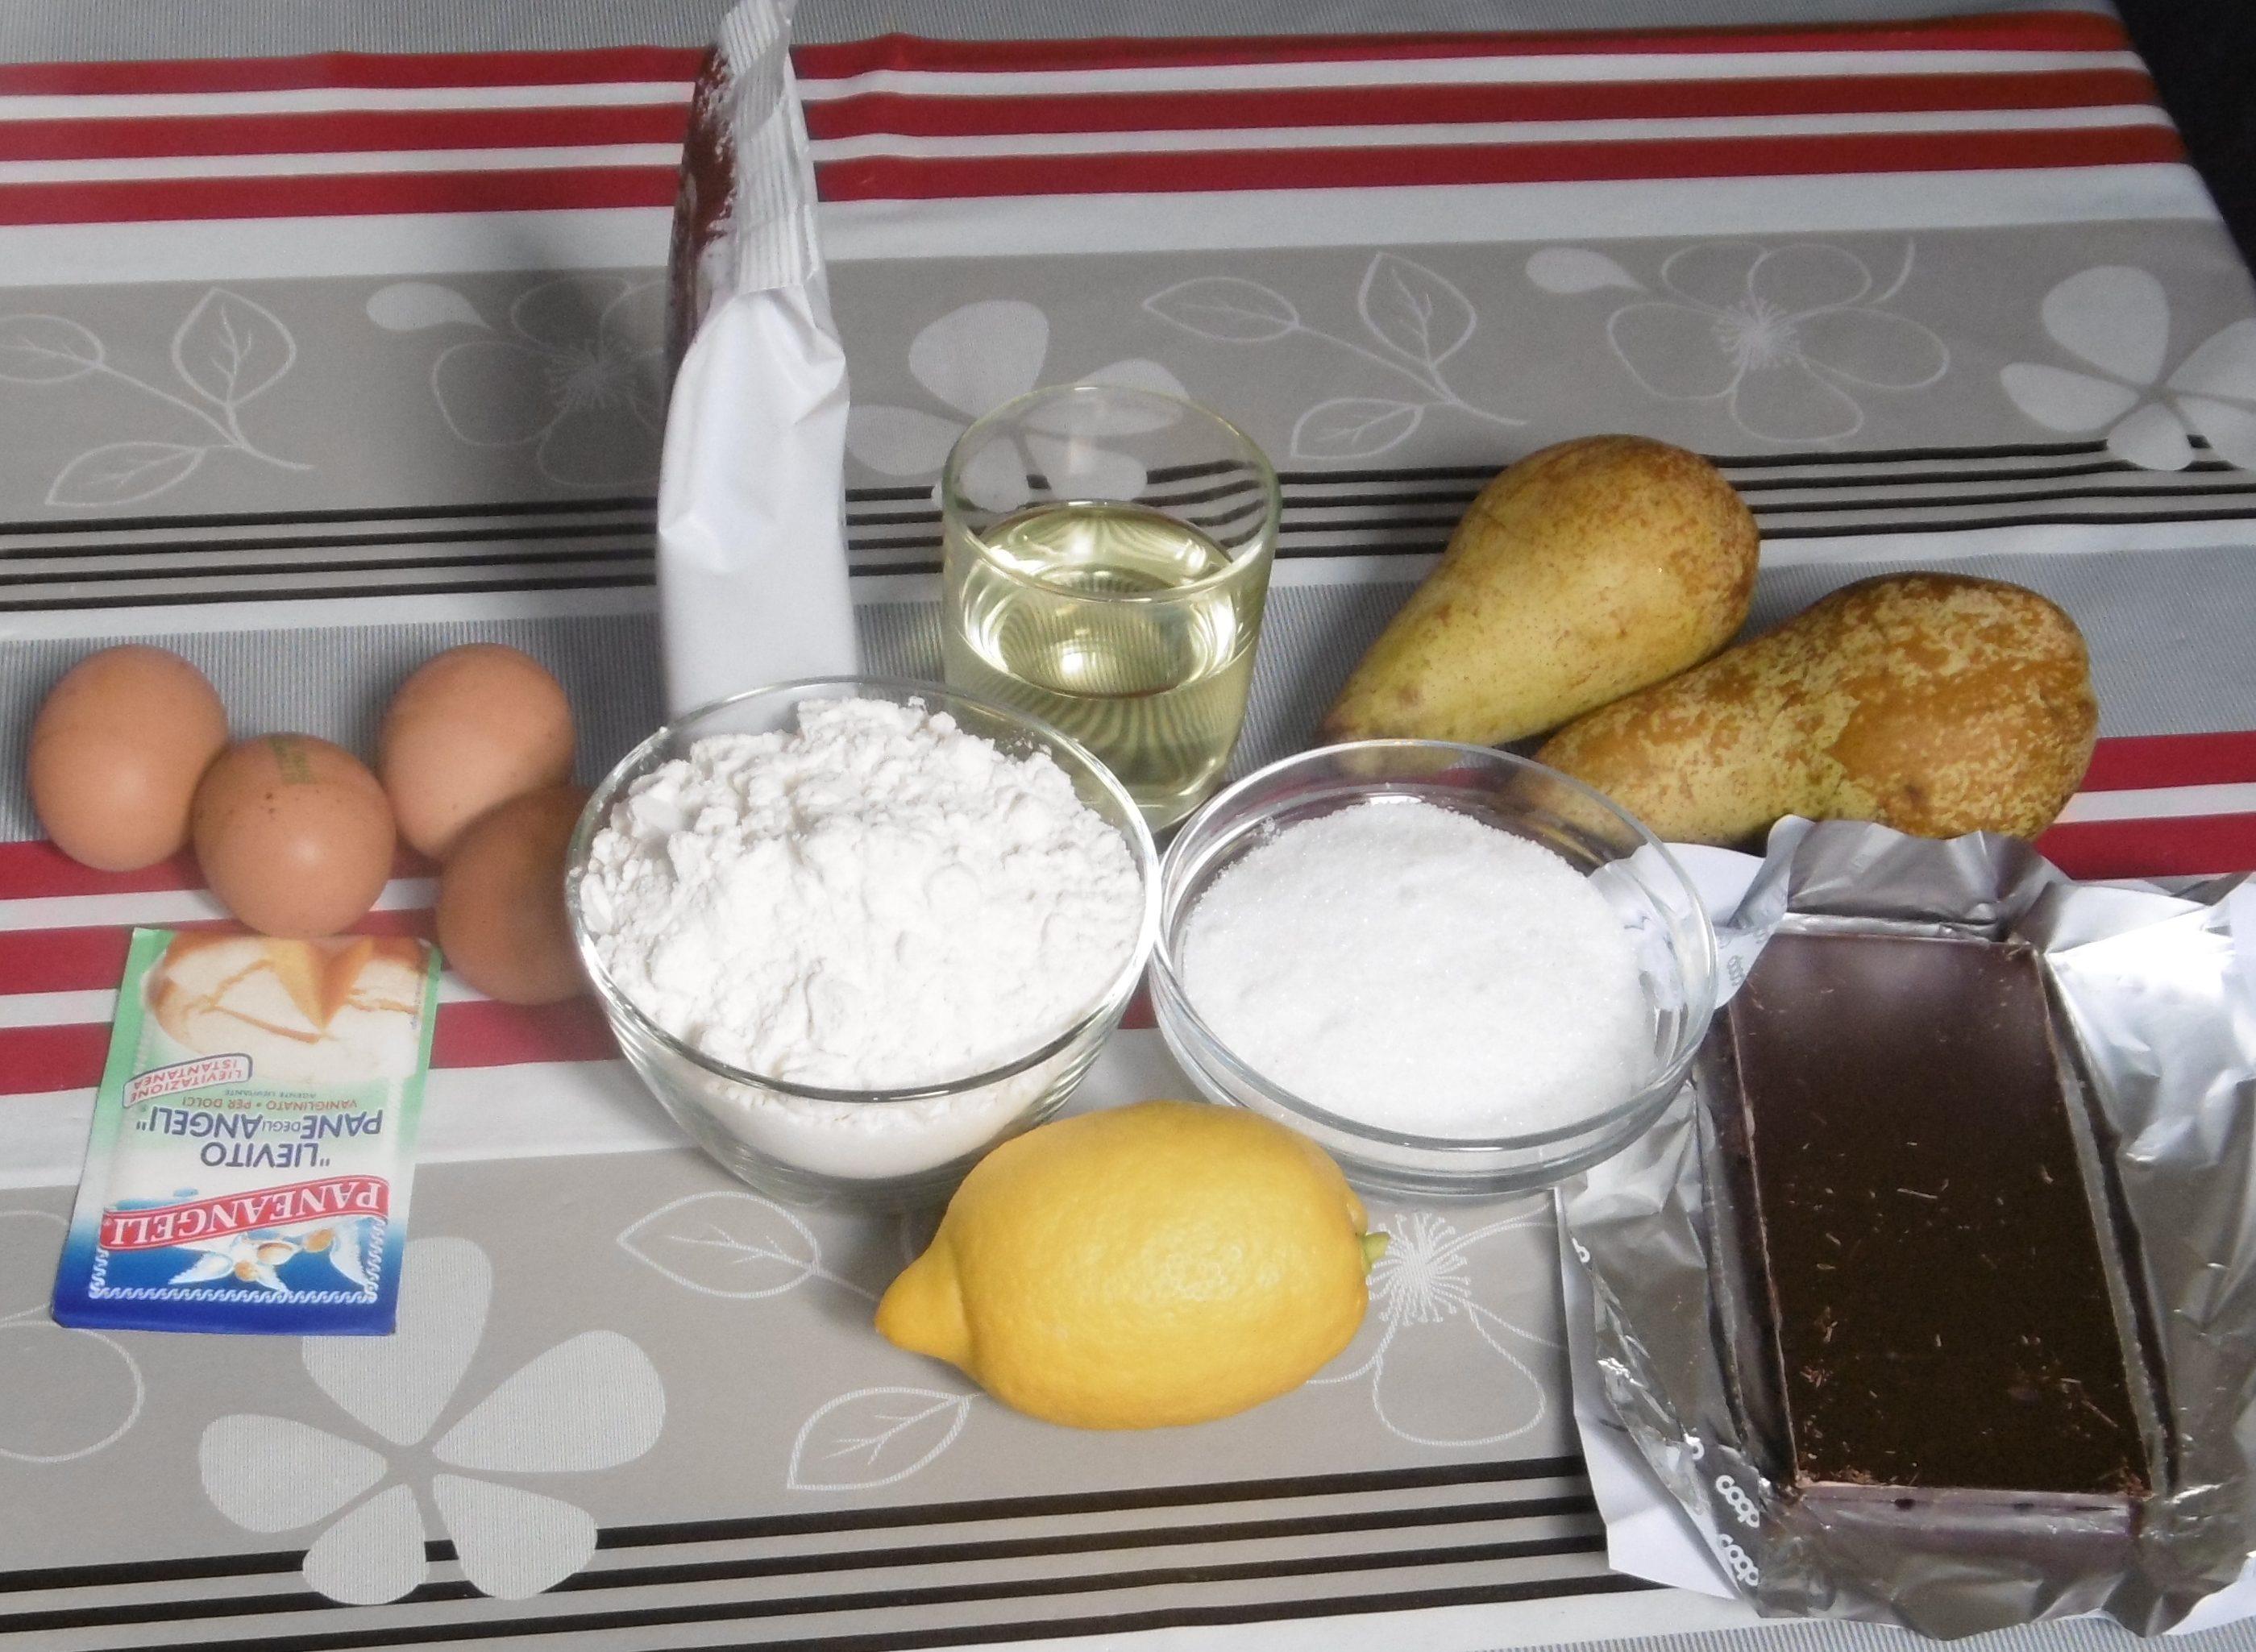 Torta pere e cioccolato - Ingredienti